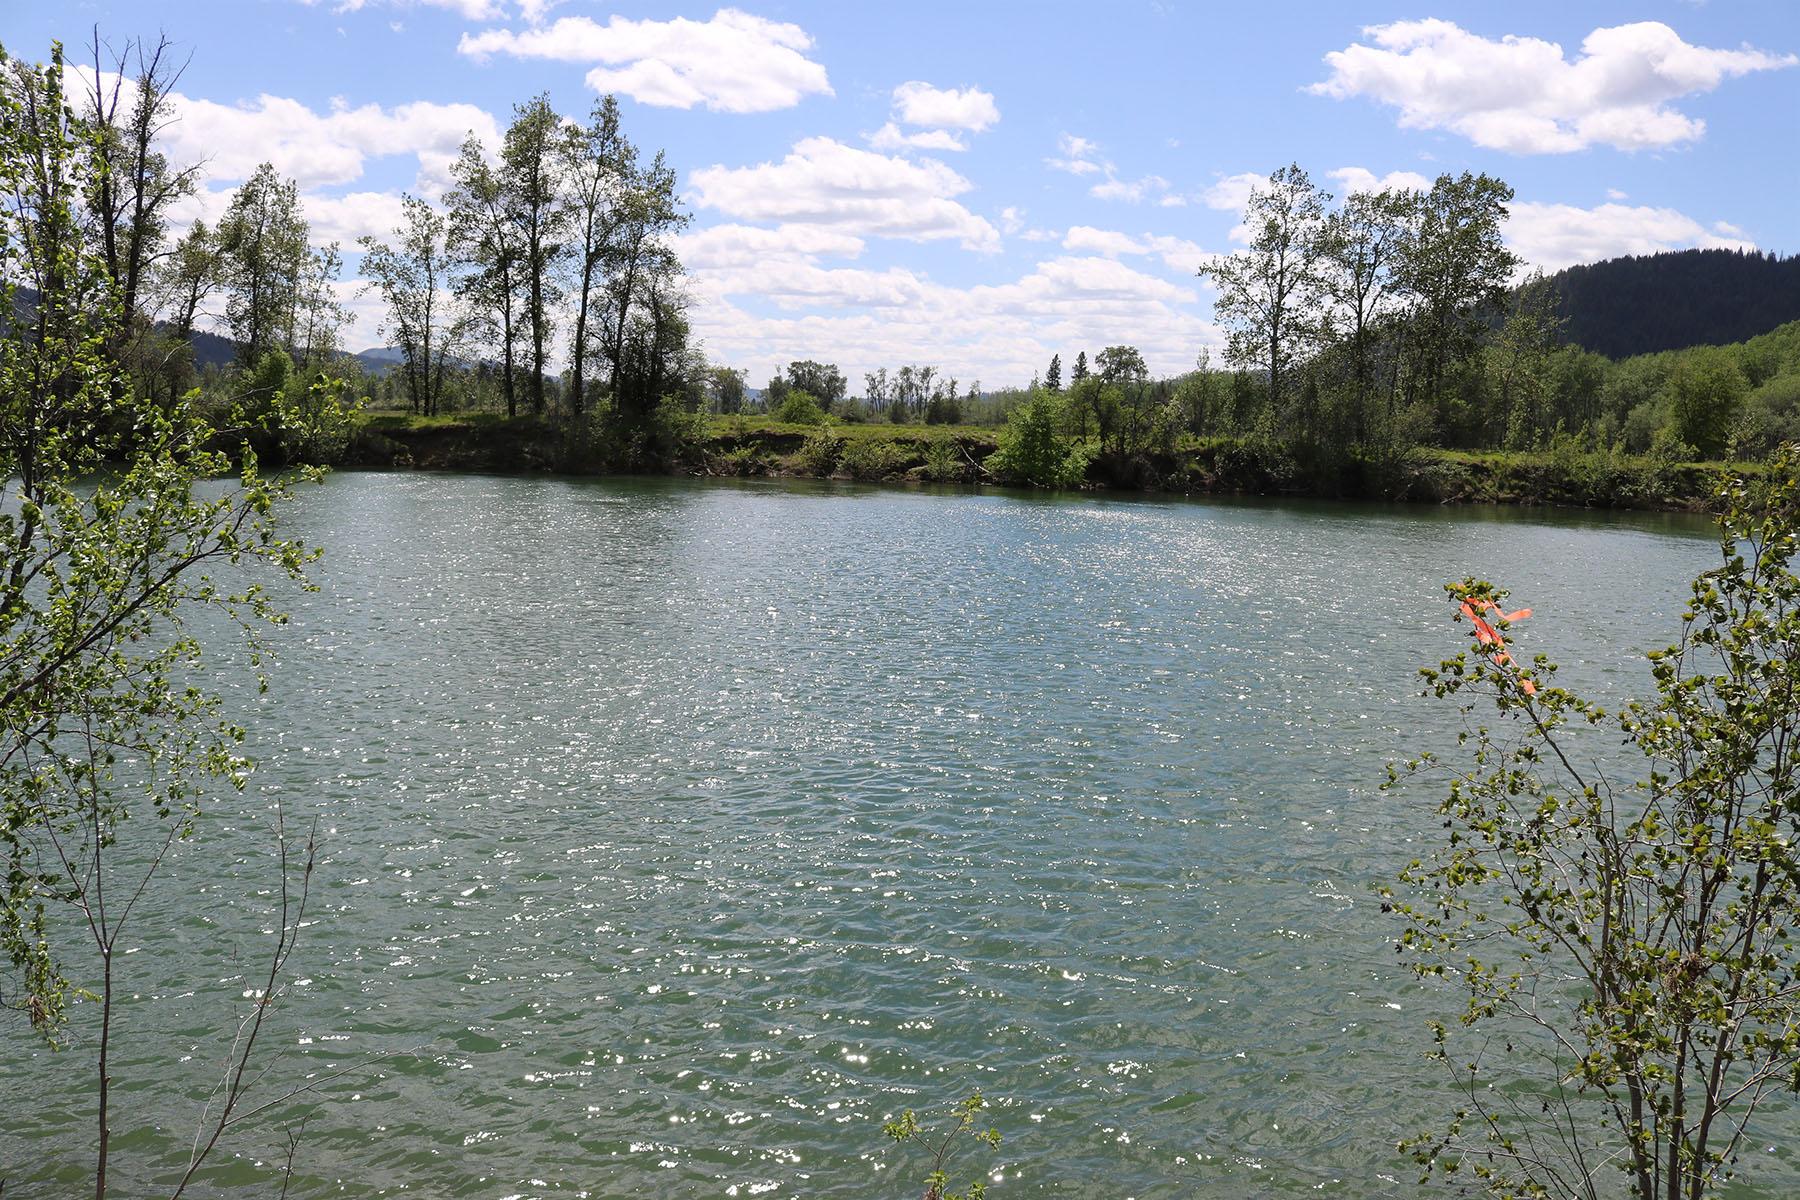 Terrain pour l Vente à 3.29 acres with 700' or so frontage on the Coeur d'Alene River NNA Coeur d'Alene River Harrison, Idaho, 83810 États-Unis